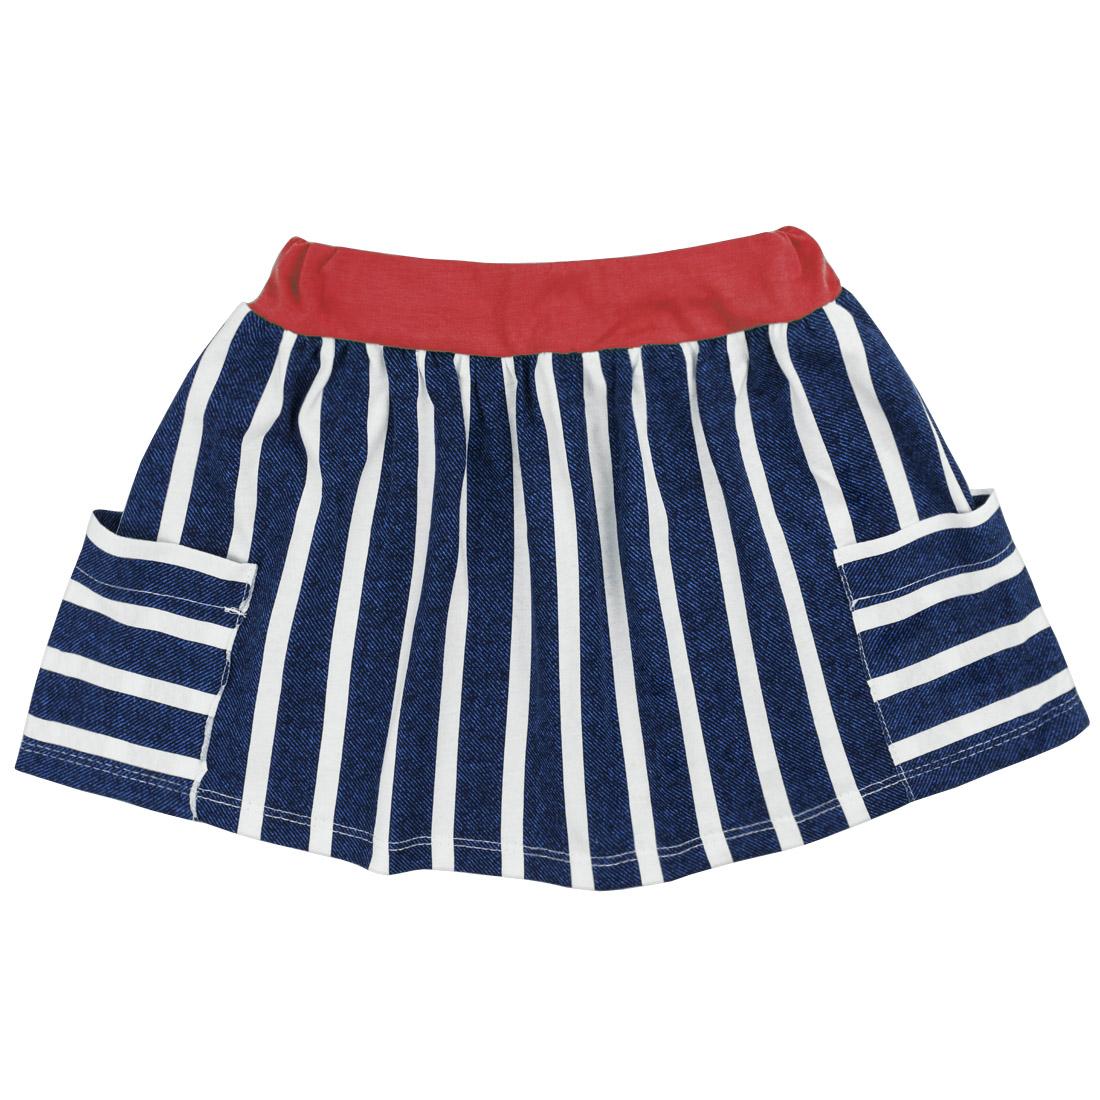 f1849e5303b Детские юбки для девочек — купить недорого в Москве